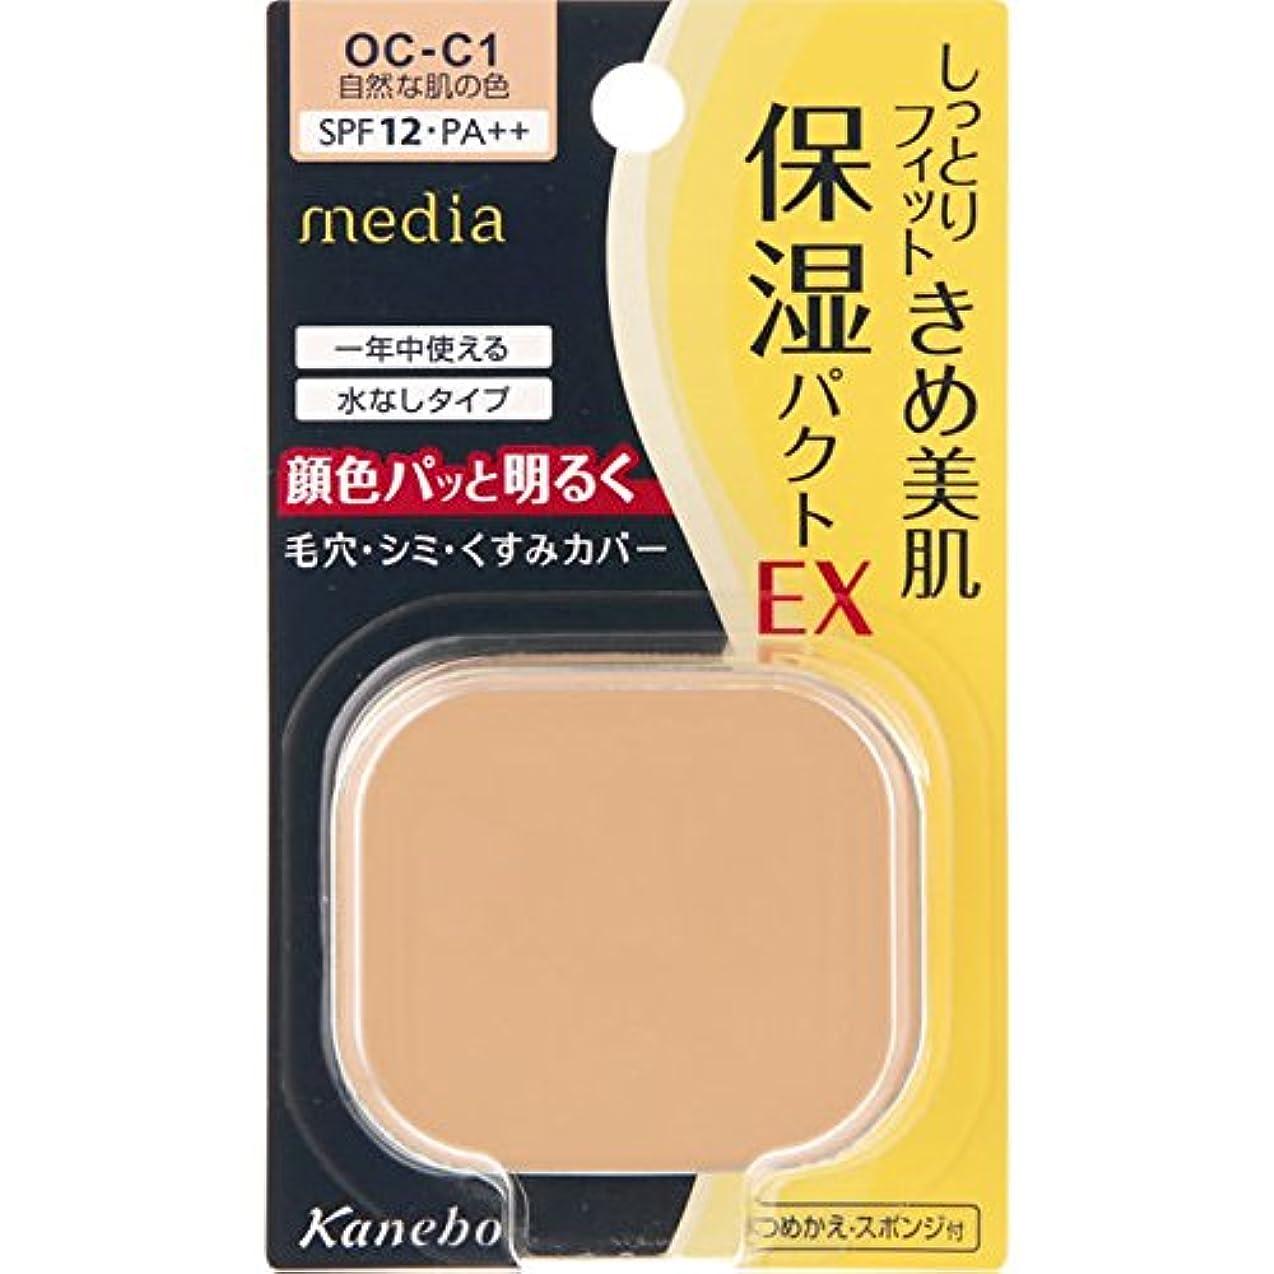 カネボウ メディア モイストフィットパクトEX<つめかえ> OC-C1(11g)